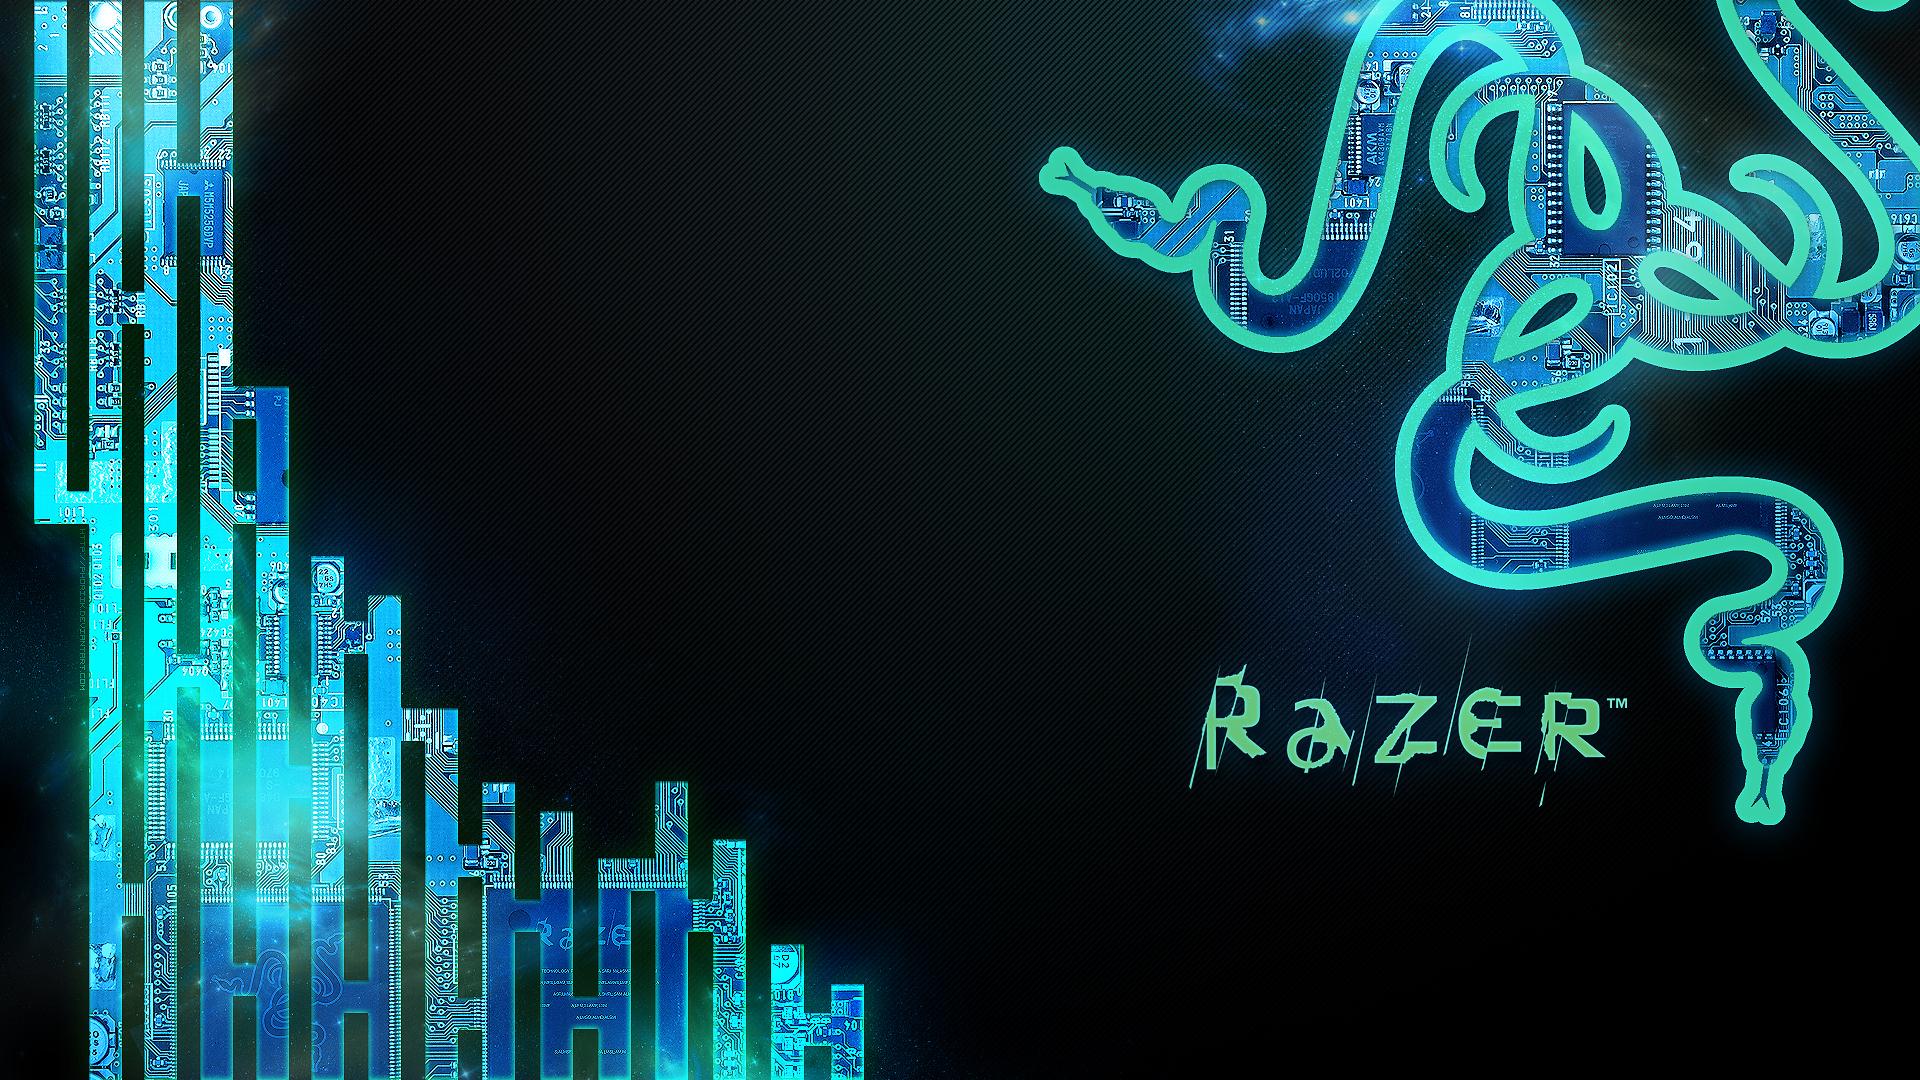 1920x1080 Razer desktop PC and Mac wallpaper 1920x1080